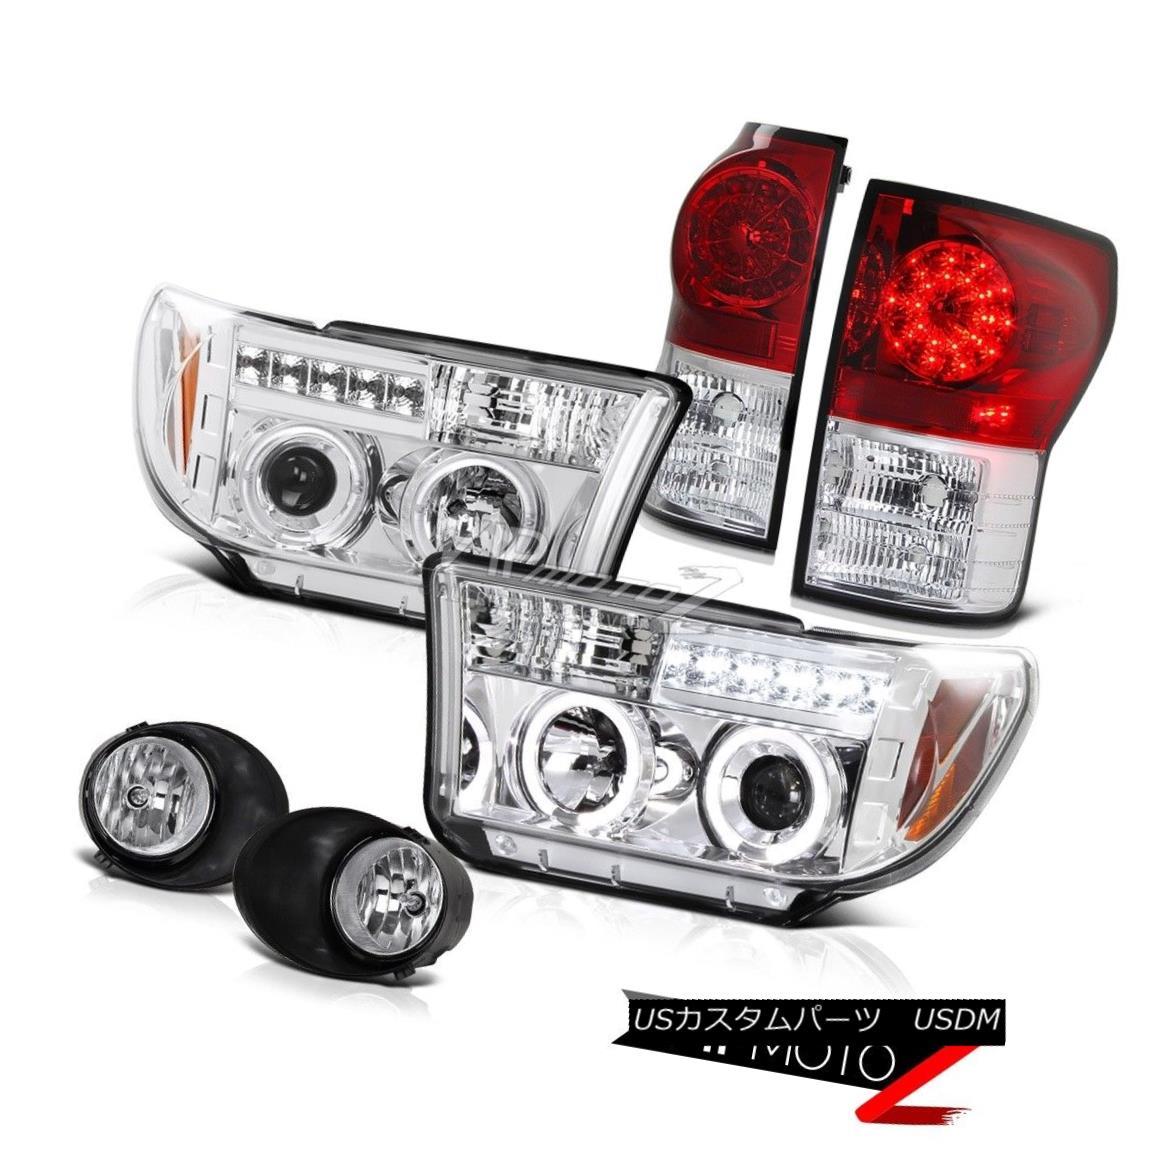 ヘッドライト 07-2013 Toyota Tundra Chrome Projector Halo Headlamp+Led Tail Light+Fog Lamp 07-2013 Toyota Tundra ChromeプロジェクターHaloヘッドランプ+ Ledテールライト+ Fogランプ